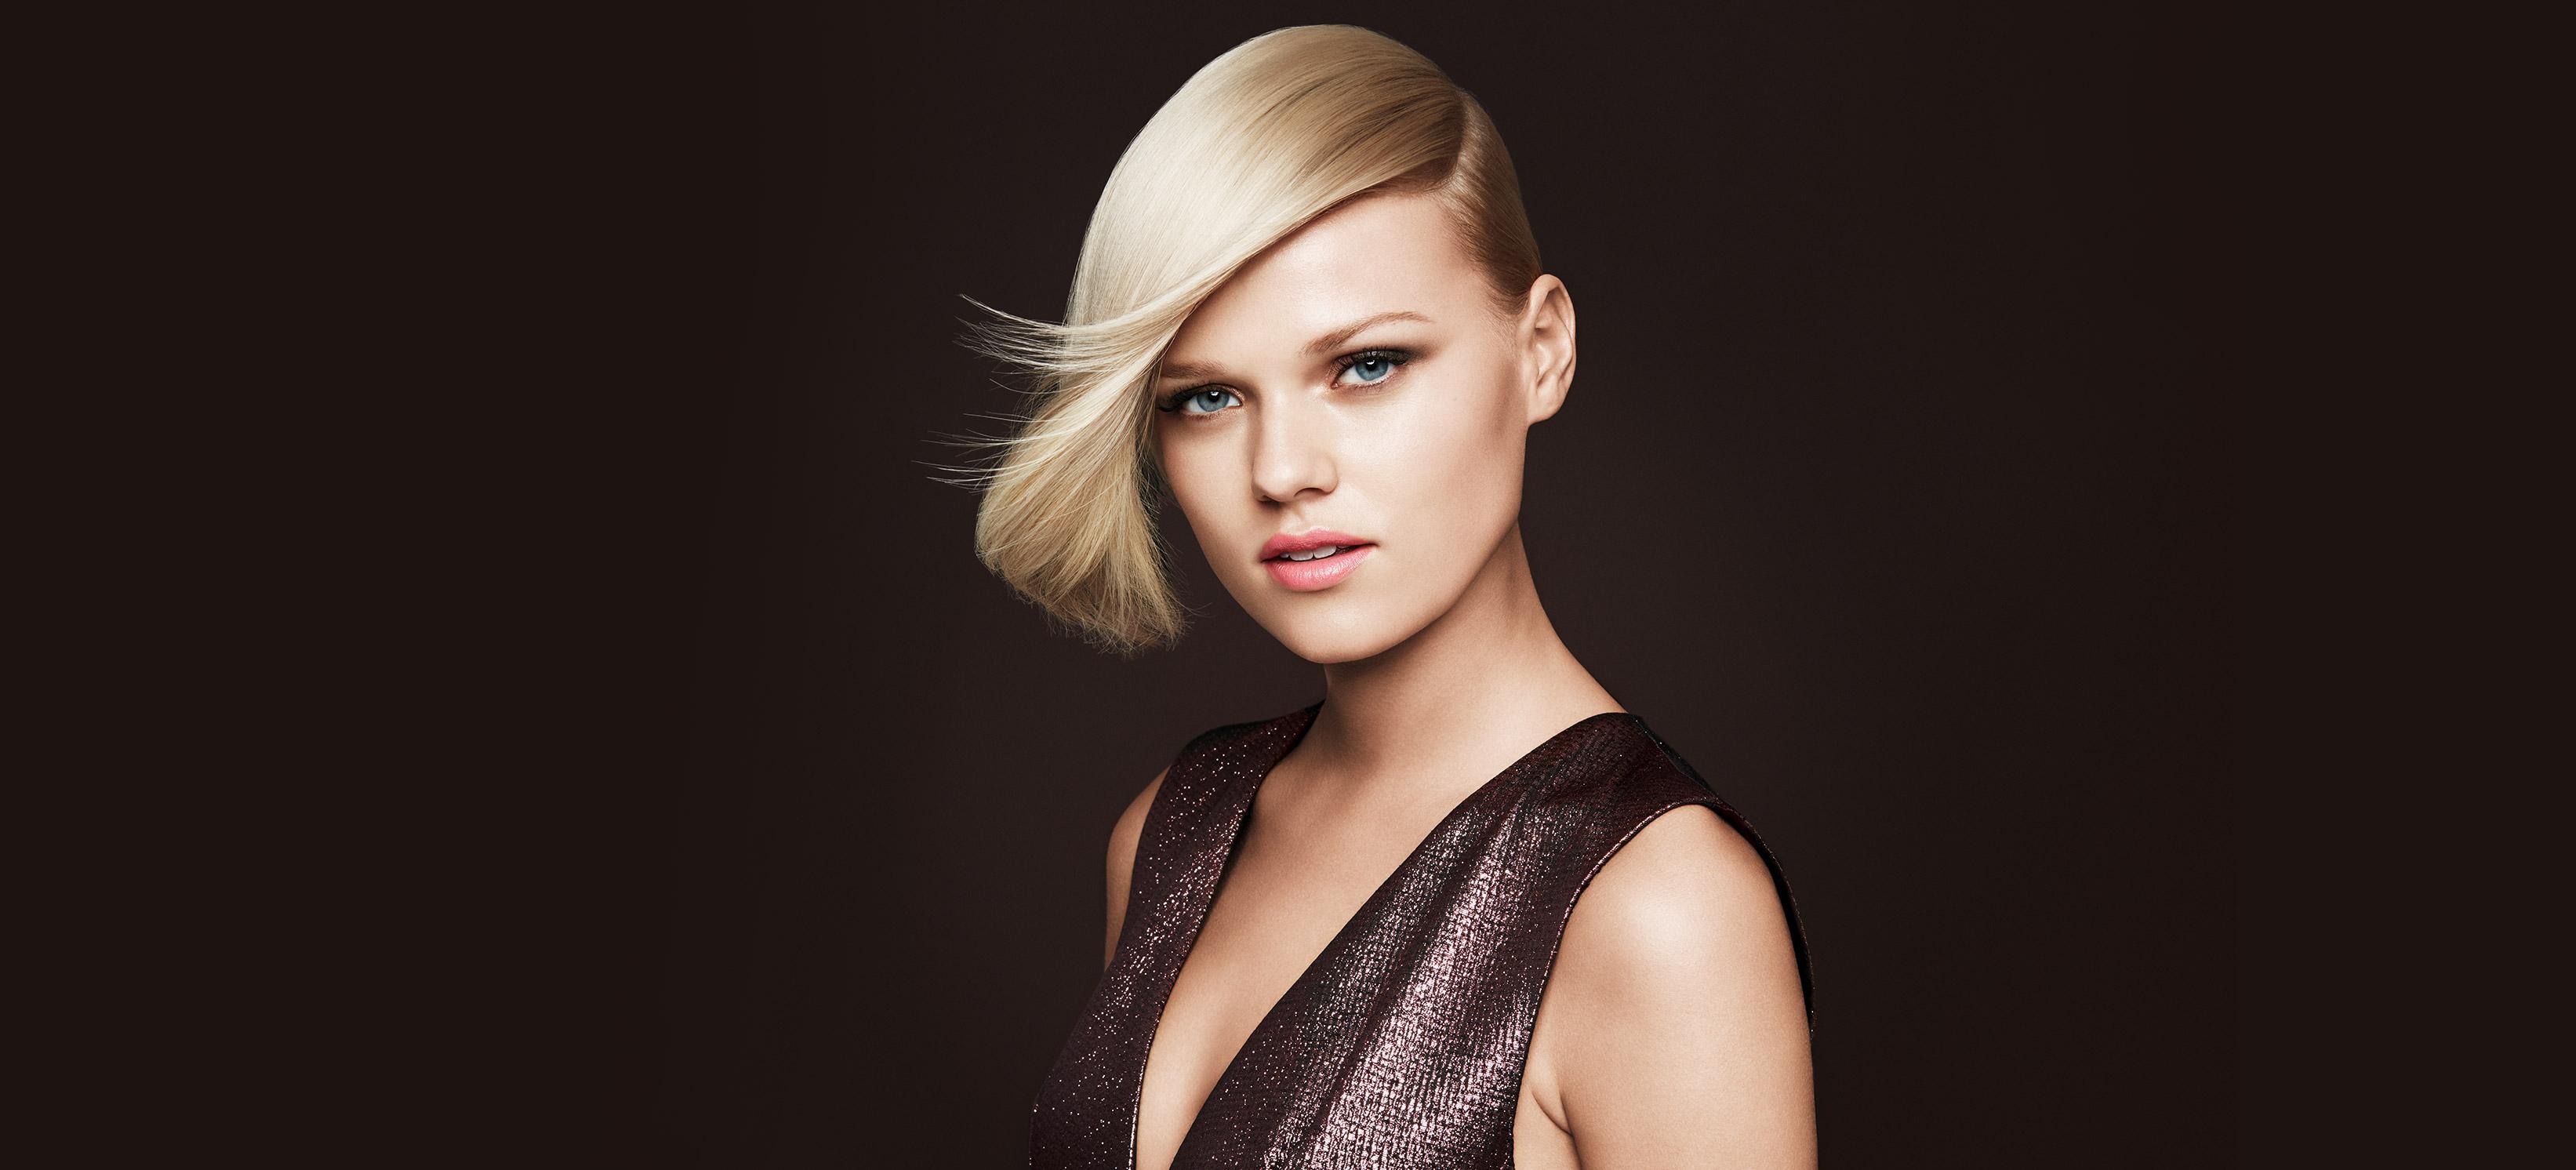 Nach blondierung dunkelblond färben